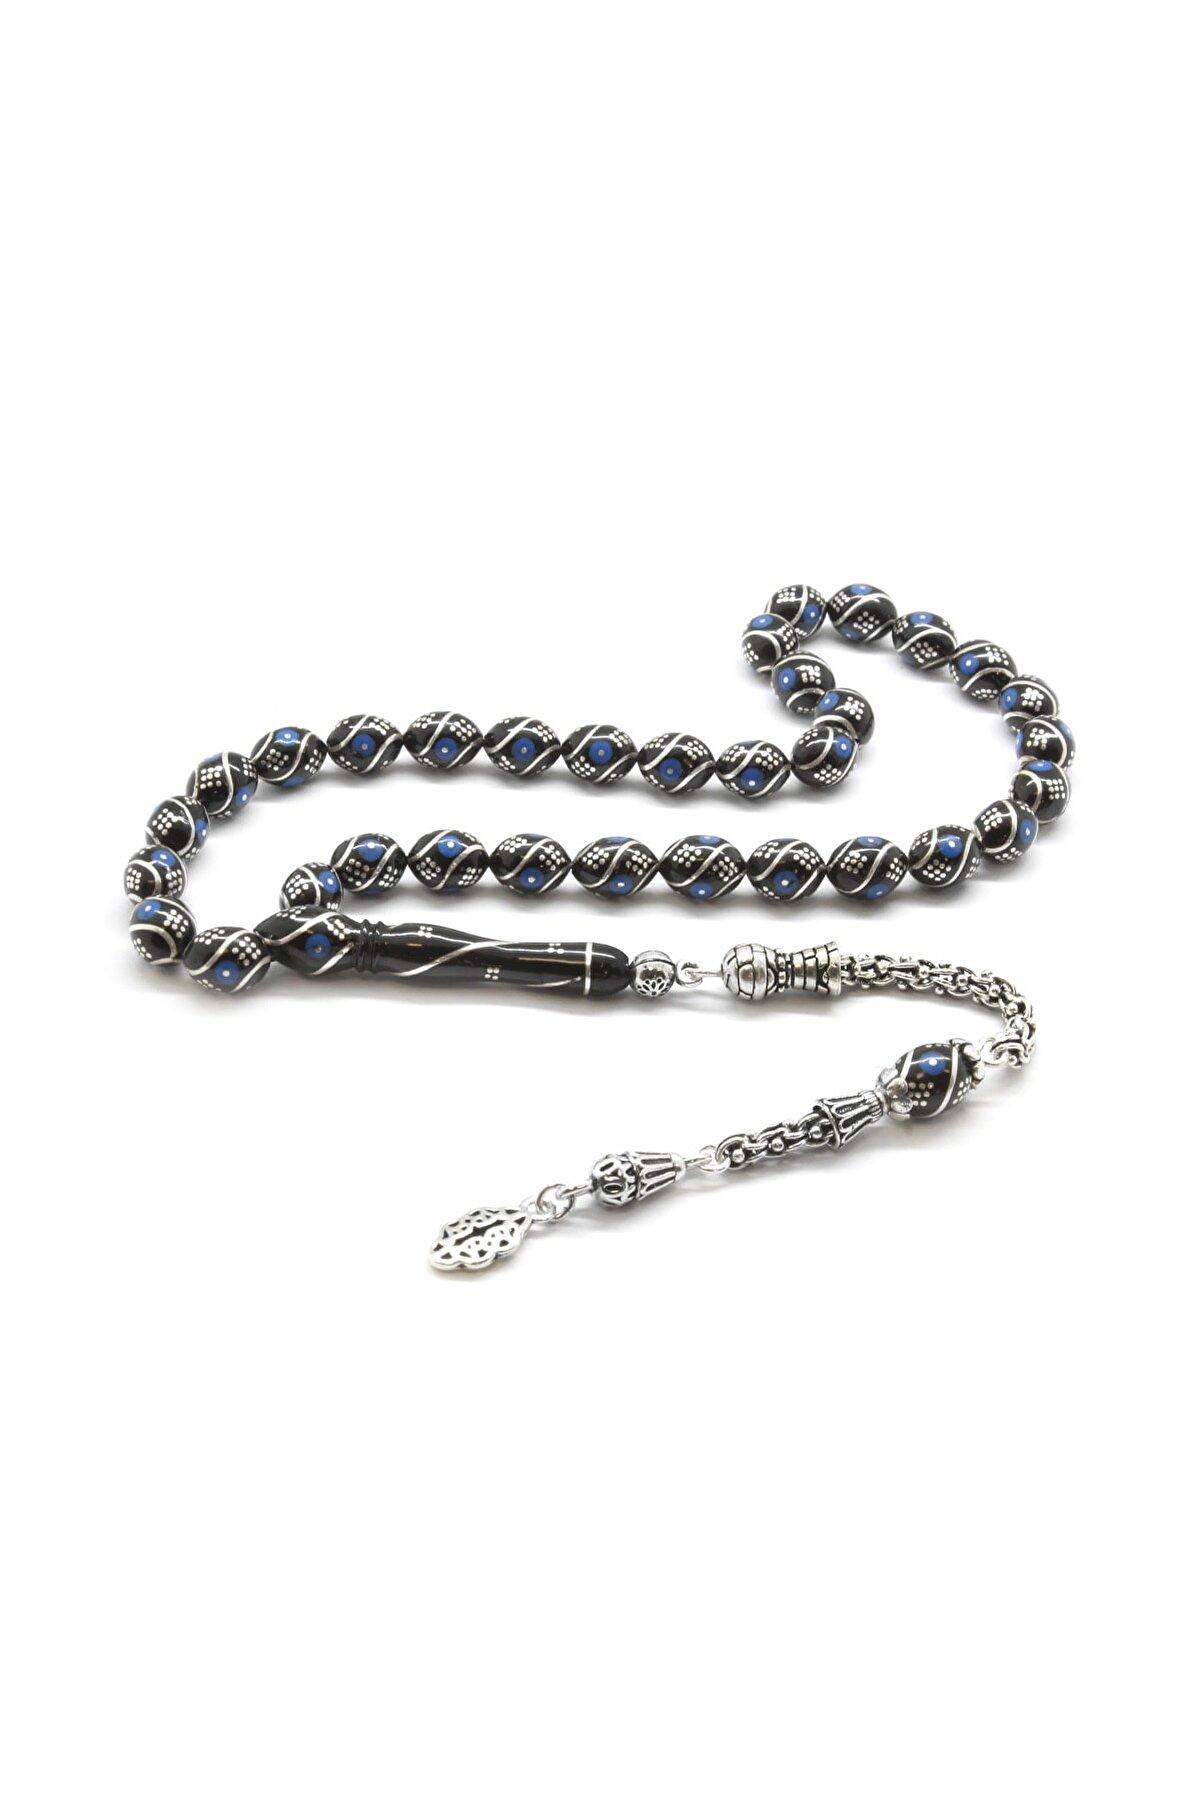 Tesbihane 925 Ayar Gümüş Arnavut Püsküllü Gümüş-Firuze İşlemeli Arpa Kesim Erzurum Oltu Taşı Tesbih 101001828